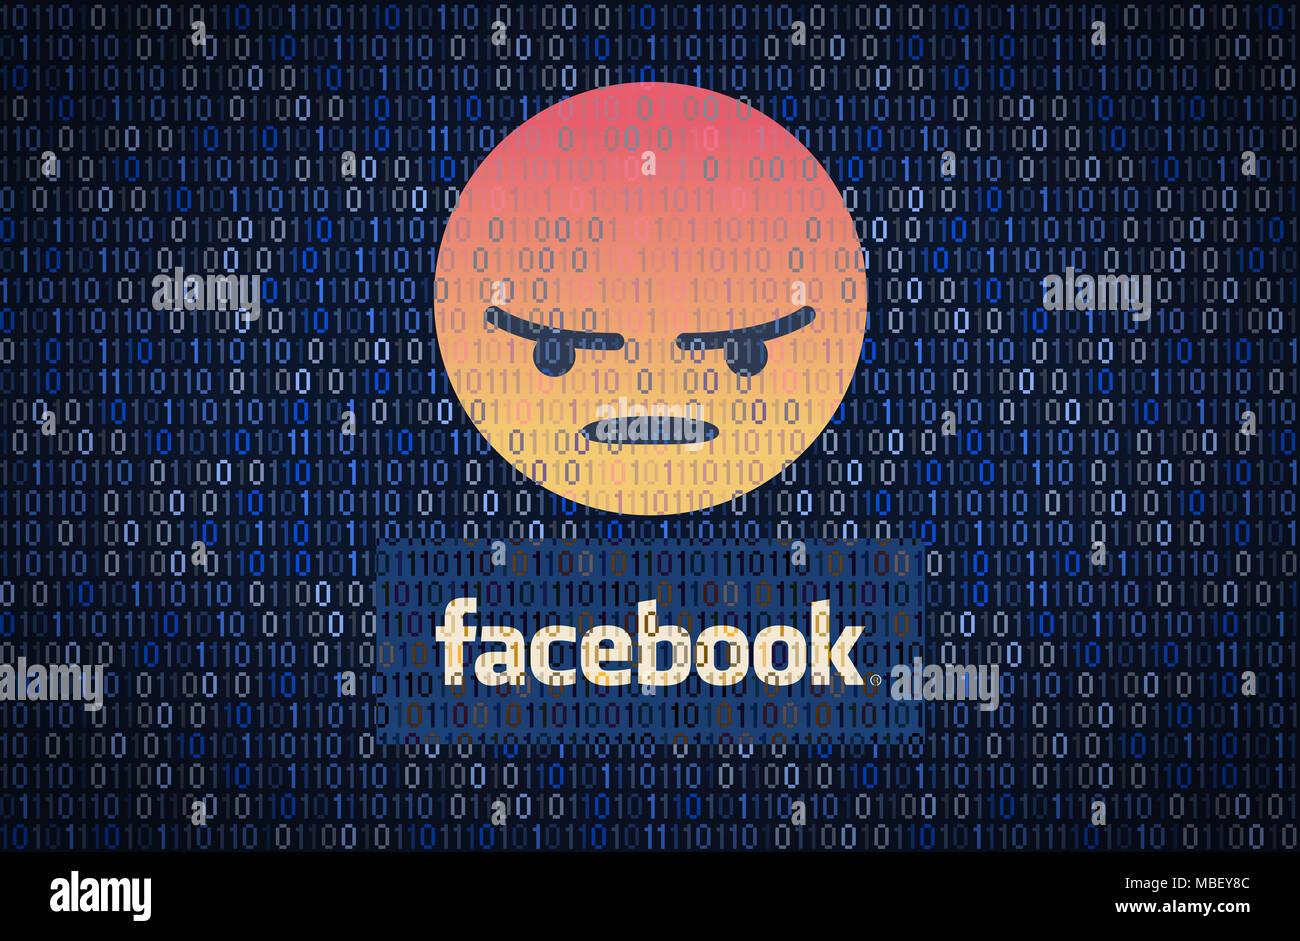 GALATI, Rumänien - 10. APRIL 2018: Facebook Datensicherheit und Datenschutz. Data encription Konzept Stockbild